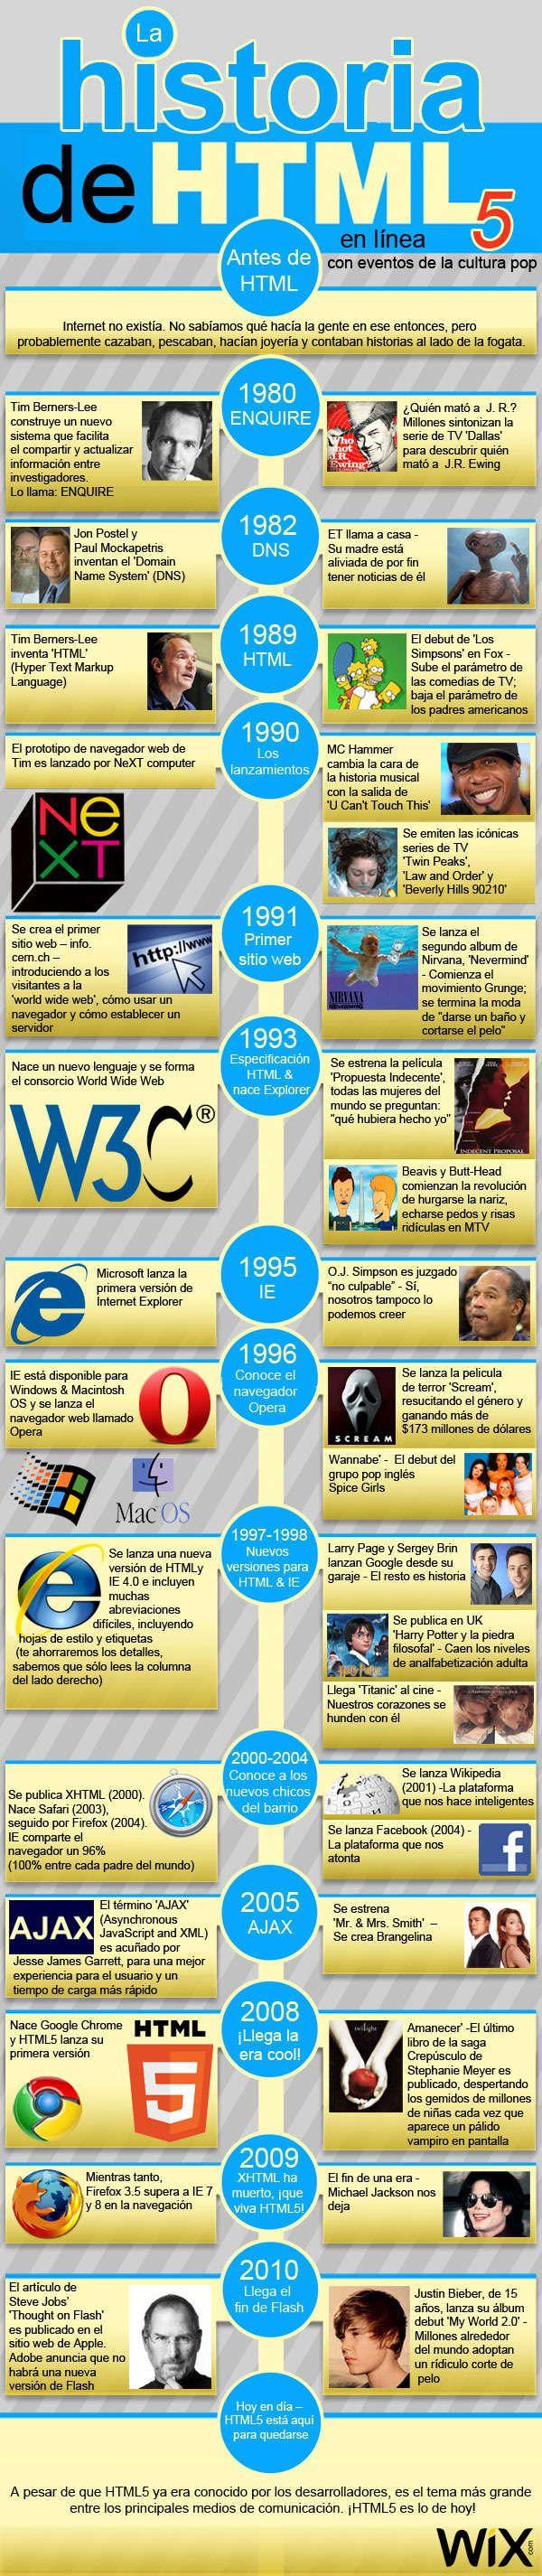 Historia de HTML5